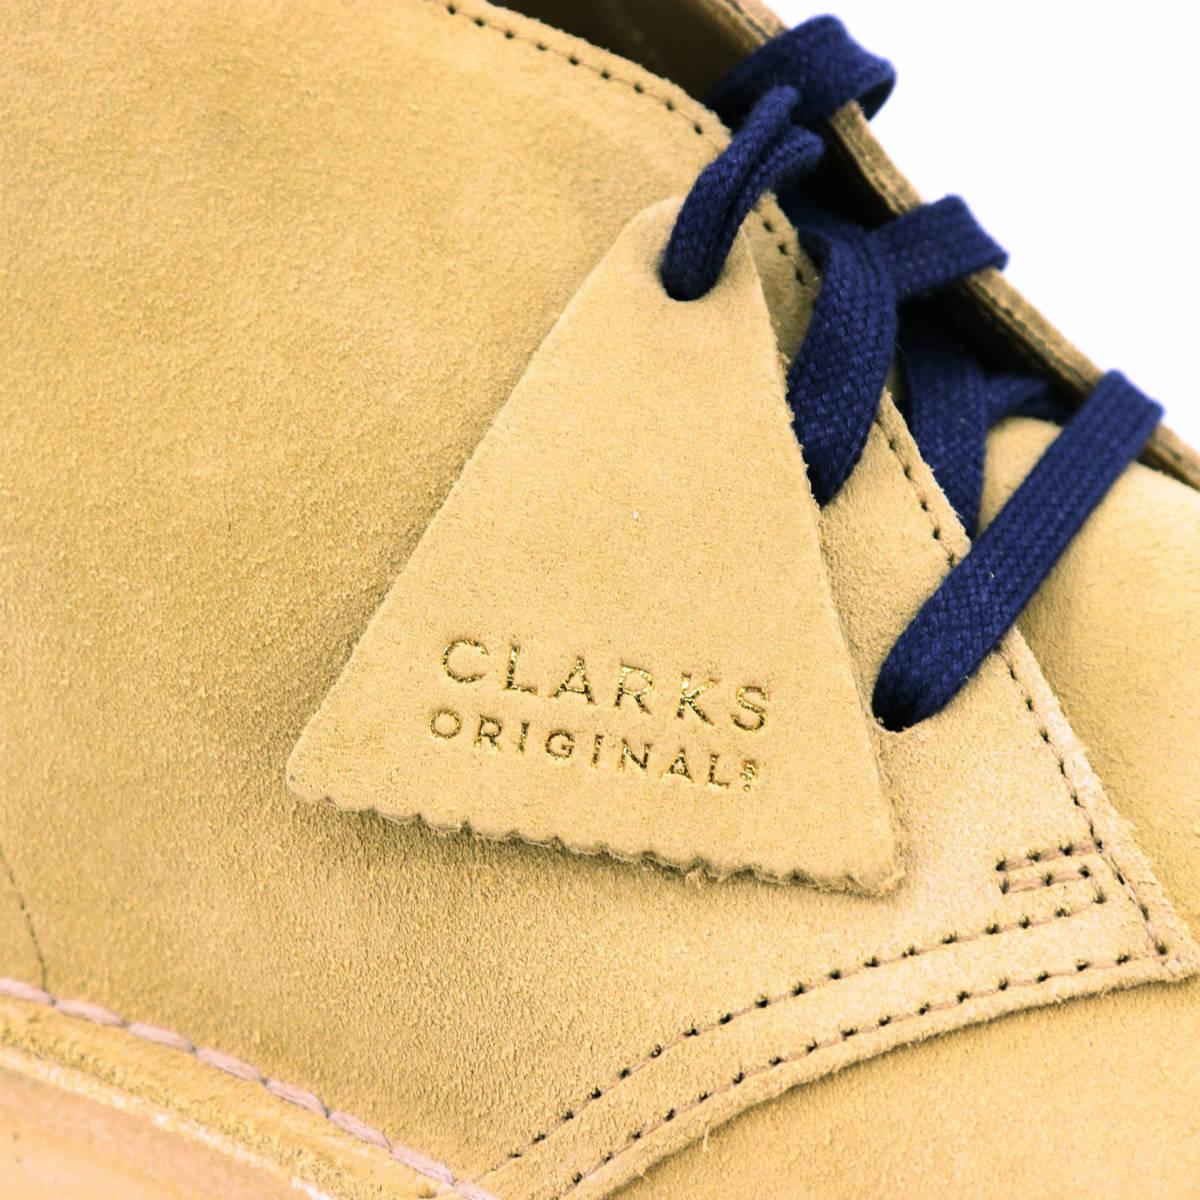 クラークス オリジナルズ CLARKS ORIGINALS メンズ スエード デザートコール フラットシューズ DESERT COAL 26154821 MAPLE SUEDE(ベージュ)秋冬新作